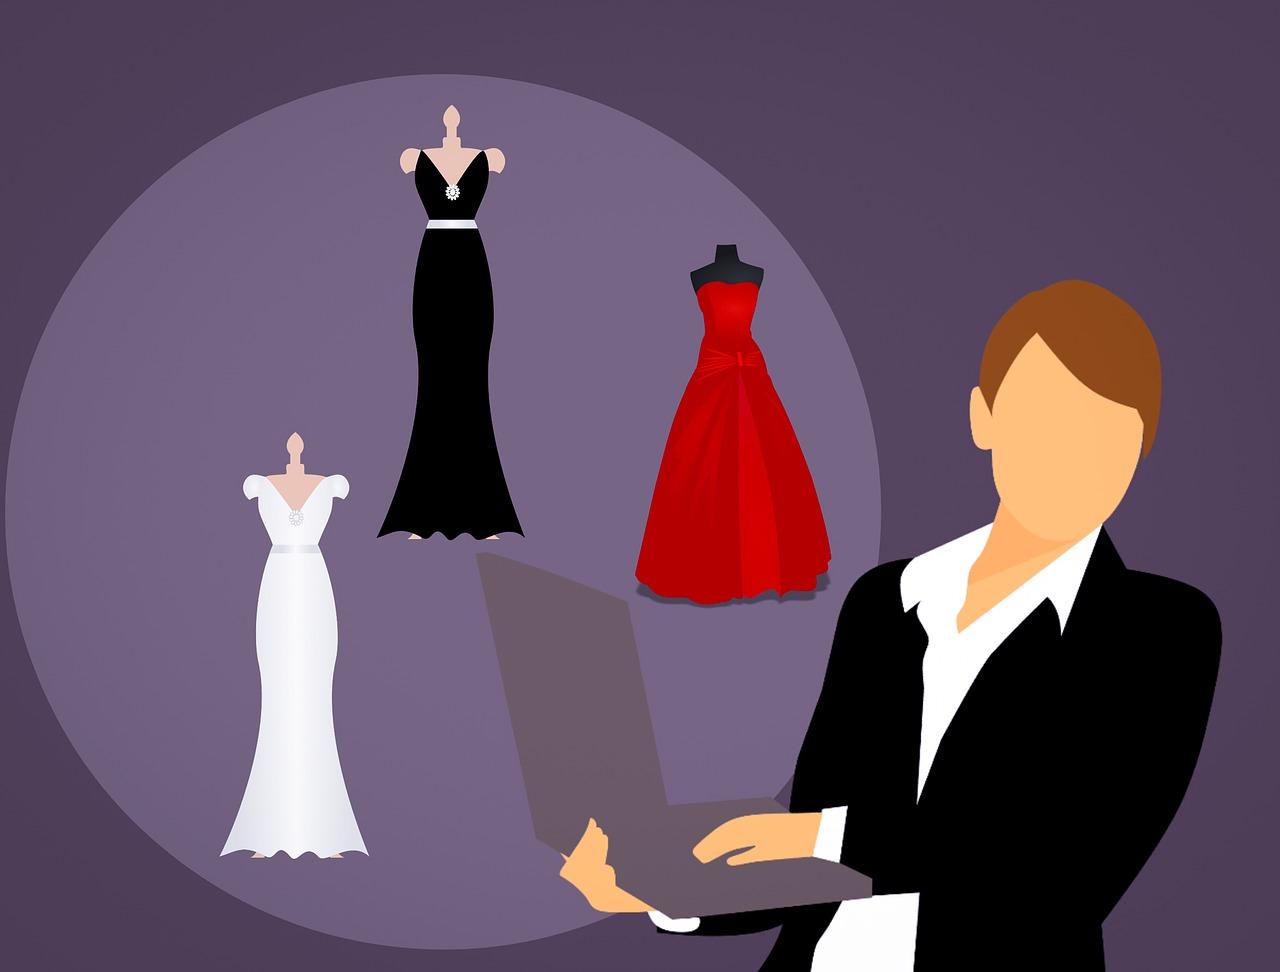 מזמינים בגדים מחול- השלבים שחשוב לבצע בטרם הרכישה